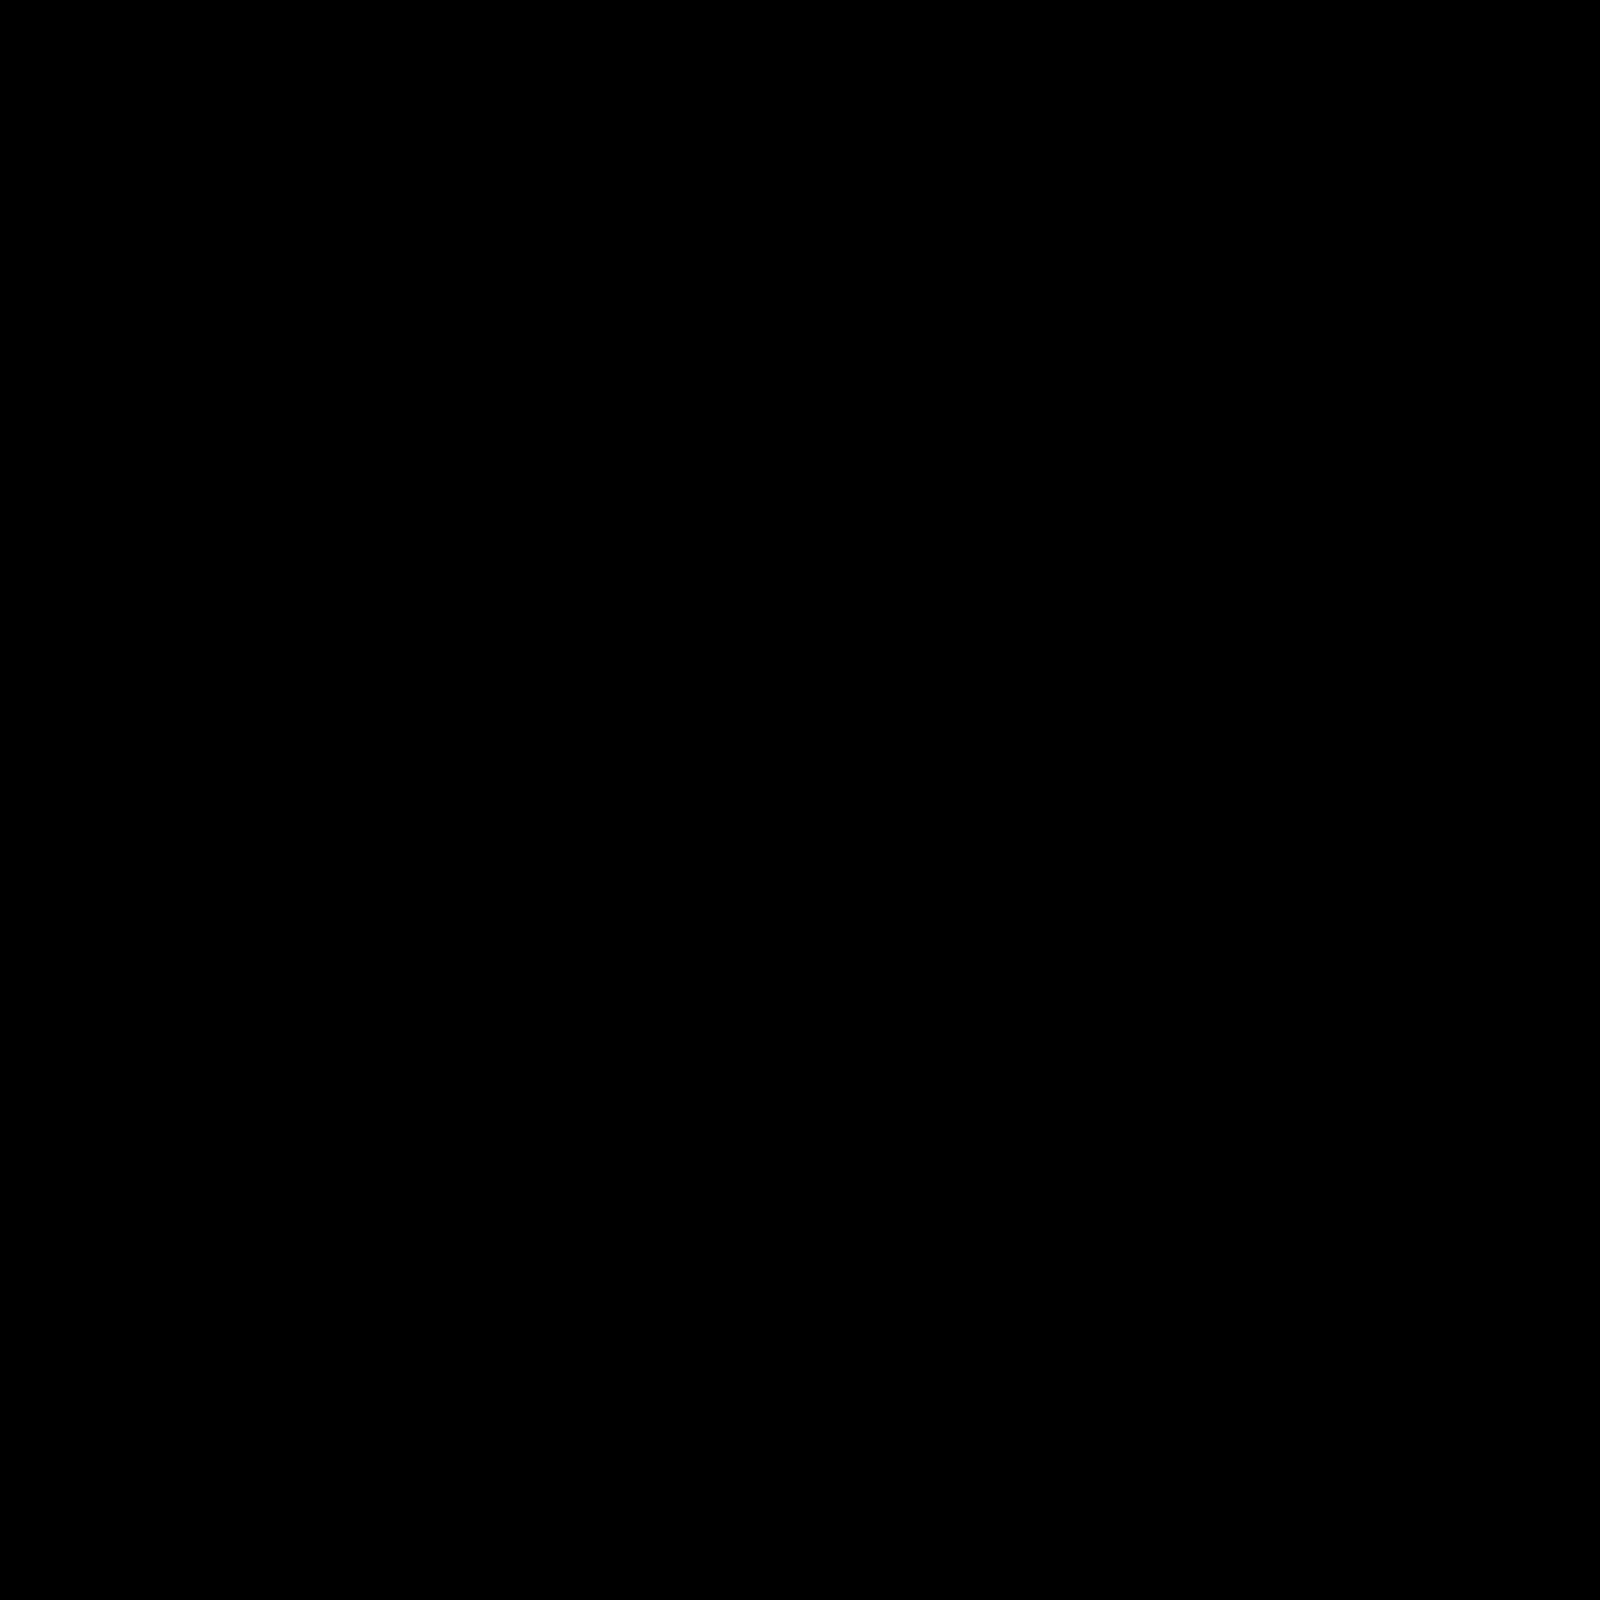 糖 icon